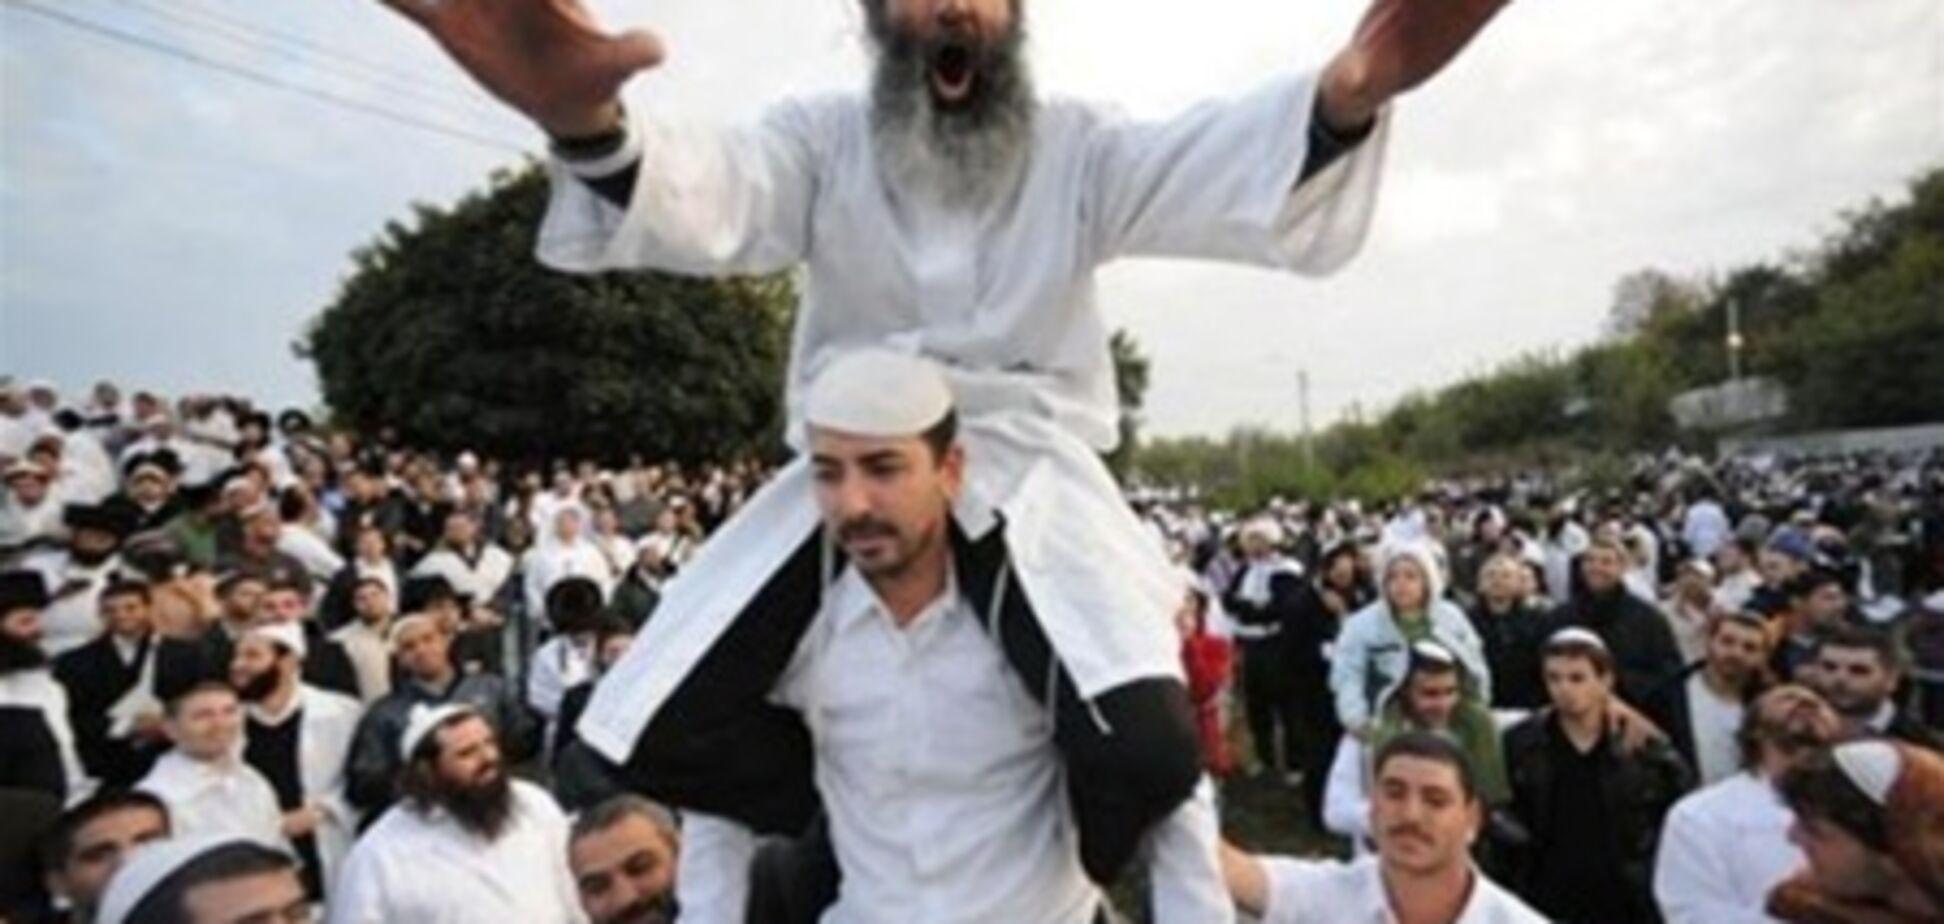 Для охорони хасидів в Умані залучать 400 міліціонерів